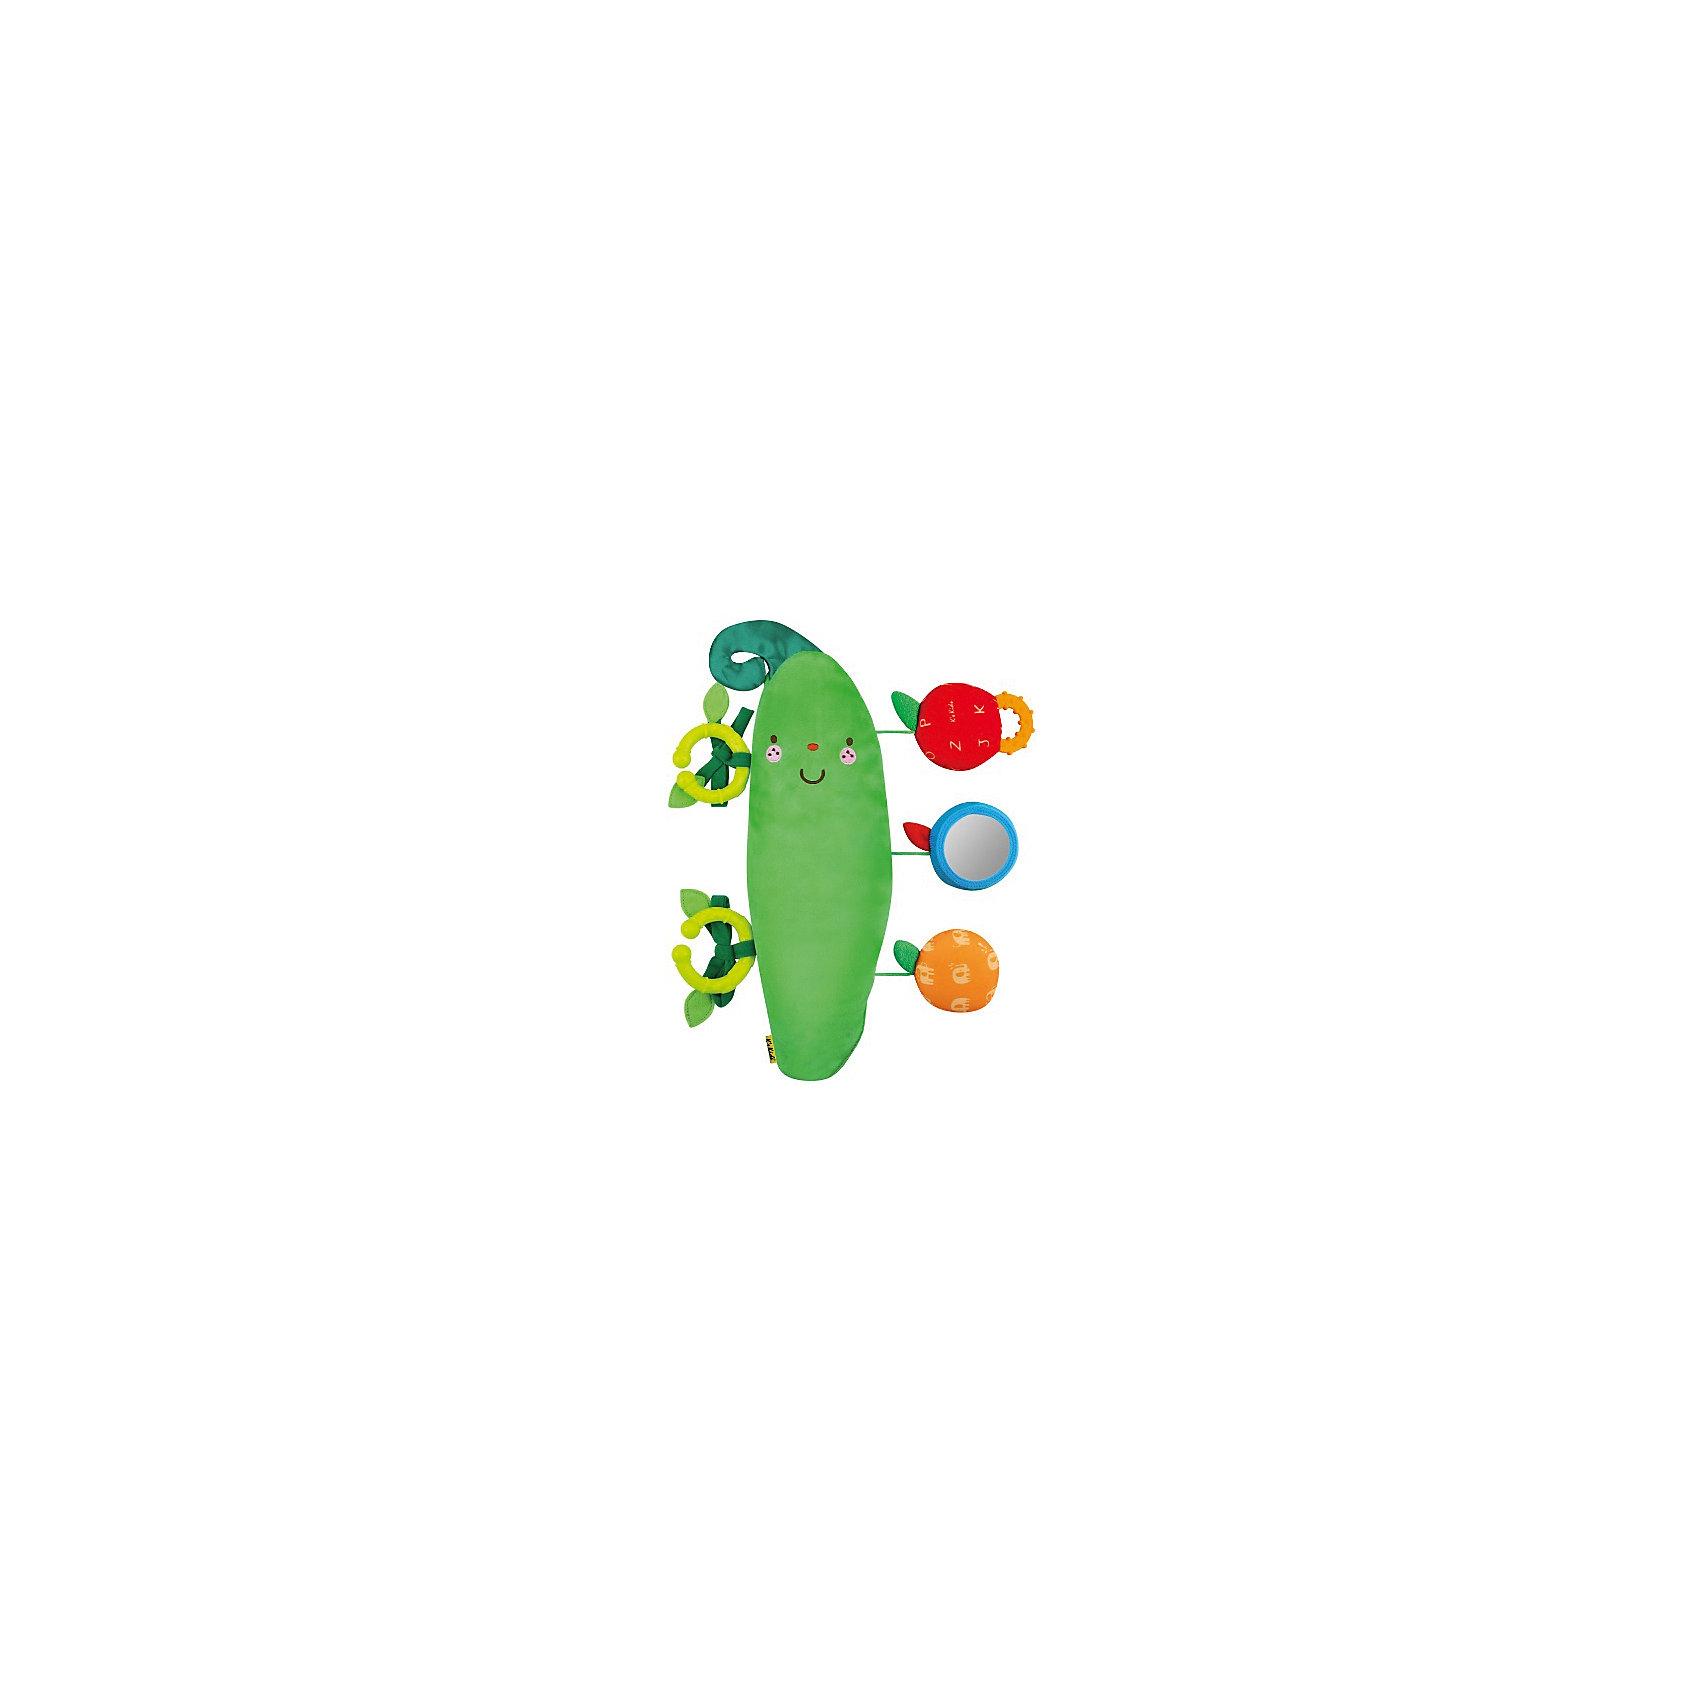 Заботливый Горошек, Ks KidsЗаботливый Горошек, Ks Kids (Кис Кидс) – это яркая мягкая мультифункциональная игрушка-подвеска, которая не даст заскучать вашему малышу.<br>Игрушка-подвеска Заботливый горошек от бренда Ks Kids (Кис Кидс) предназначена для игрового развития ребенка. Сочные цвета игрушки привлекут внимание малыша, мотивируя его изучать функции необычного для него предмета. Яркий зеленый горошек можно подвесить на коляску или автомобильное кресло, либо прикрепить к кроватке с помощью удобных колец с декоративными листочками. Мягкий стручок оснащен тремя подвесками из разнофактурного материала — мягким оранжевым апельсином-пищалкой, безопасным зеркальцем-сливой и мягким яблочком с пластиковым прорезывателем. Все подвески могут быть убраны вовнутрь горошка, что еще больше вовлечёт ребенка в процесс игры, он сможет доставать их и прятать обратно. Элементы имеют круглую удобную форму и надежно закреплены на основной игрушке. Игрушка-подвеска «Заботливый Горошек» способствует развитию когнитивных навыков, мелкой моторики, координации движений, цветовосприятия и слуха. Продукция сертифицирована, экологически безопасна для ребенка, использованные красители не токсичны и гипоаллергенны.<br><br>Дополнительная информация:<br><br>- Размер игрушки: 32 x 11,5 x 3 см.<br>- Цвет: зеленый, желтый, красный, голубой<br>- Материал: текстиль, пластик<br>- Упаковка: прозрачная сумка с ручкой<br>- Размер упаковки: 25 x 28 x 4 см.<br>- Вес: 342 гр.<br><br>Игрушку-подвеску Заботливый Горошек, Ks Kids (Кис Кидс) можно купить в нашем интернет-магазине.<br><br>Ширина мм: 250<br>Глубина мм: 280<br>Высота мм: 40<br>Вес г: 342<br>Возраст от месяцев: 0<br>Возраст до месяцев: 12<br>Пол: Унисекс<br>Возраст: Детский<br>SKU: 4726756